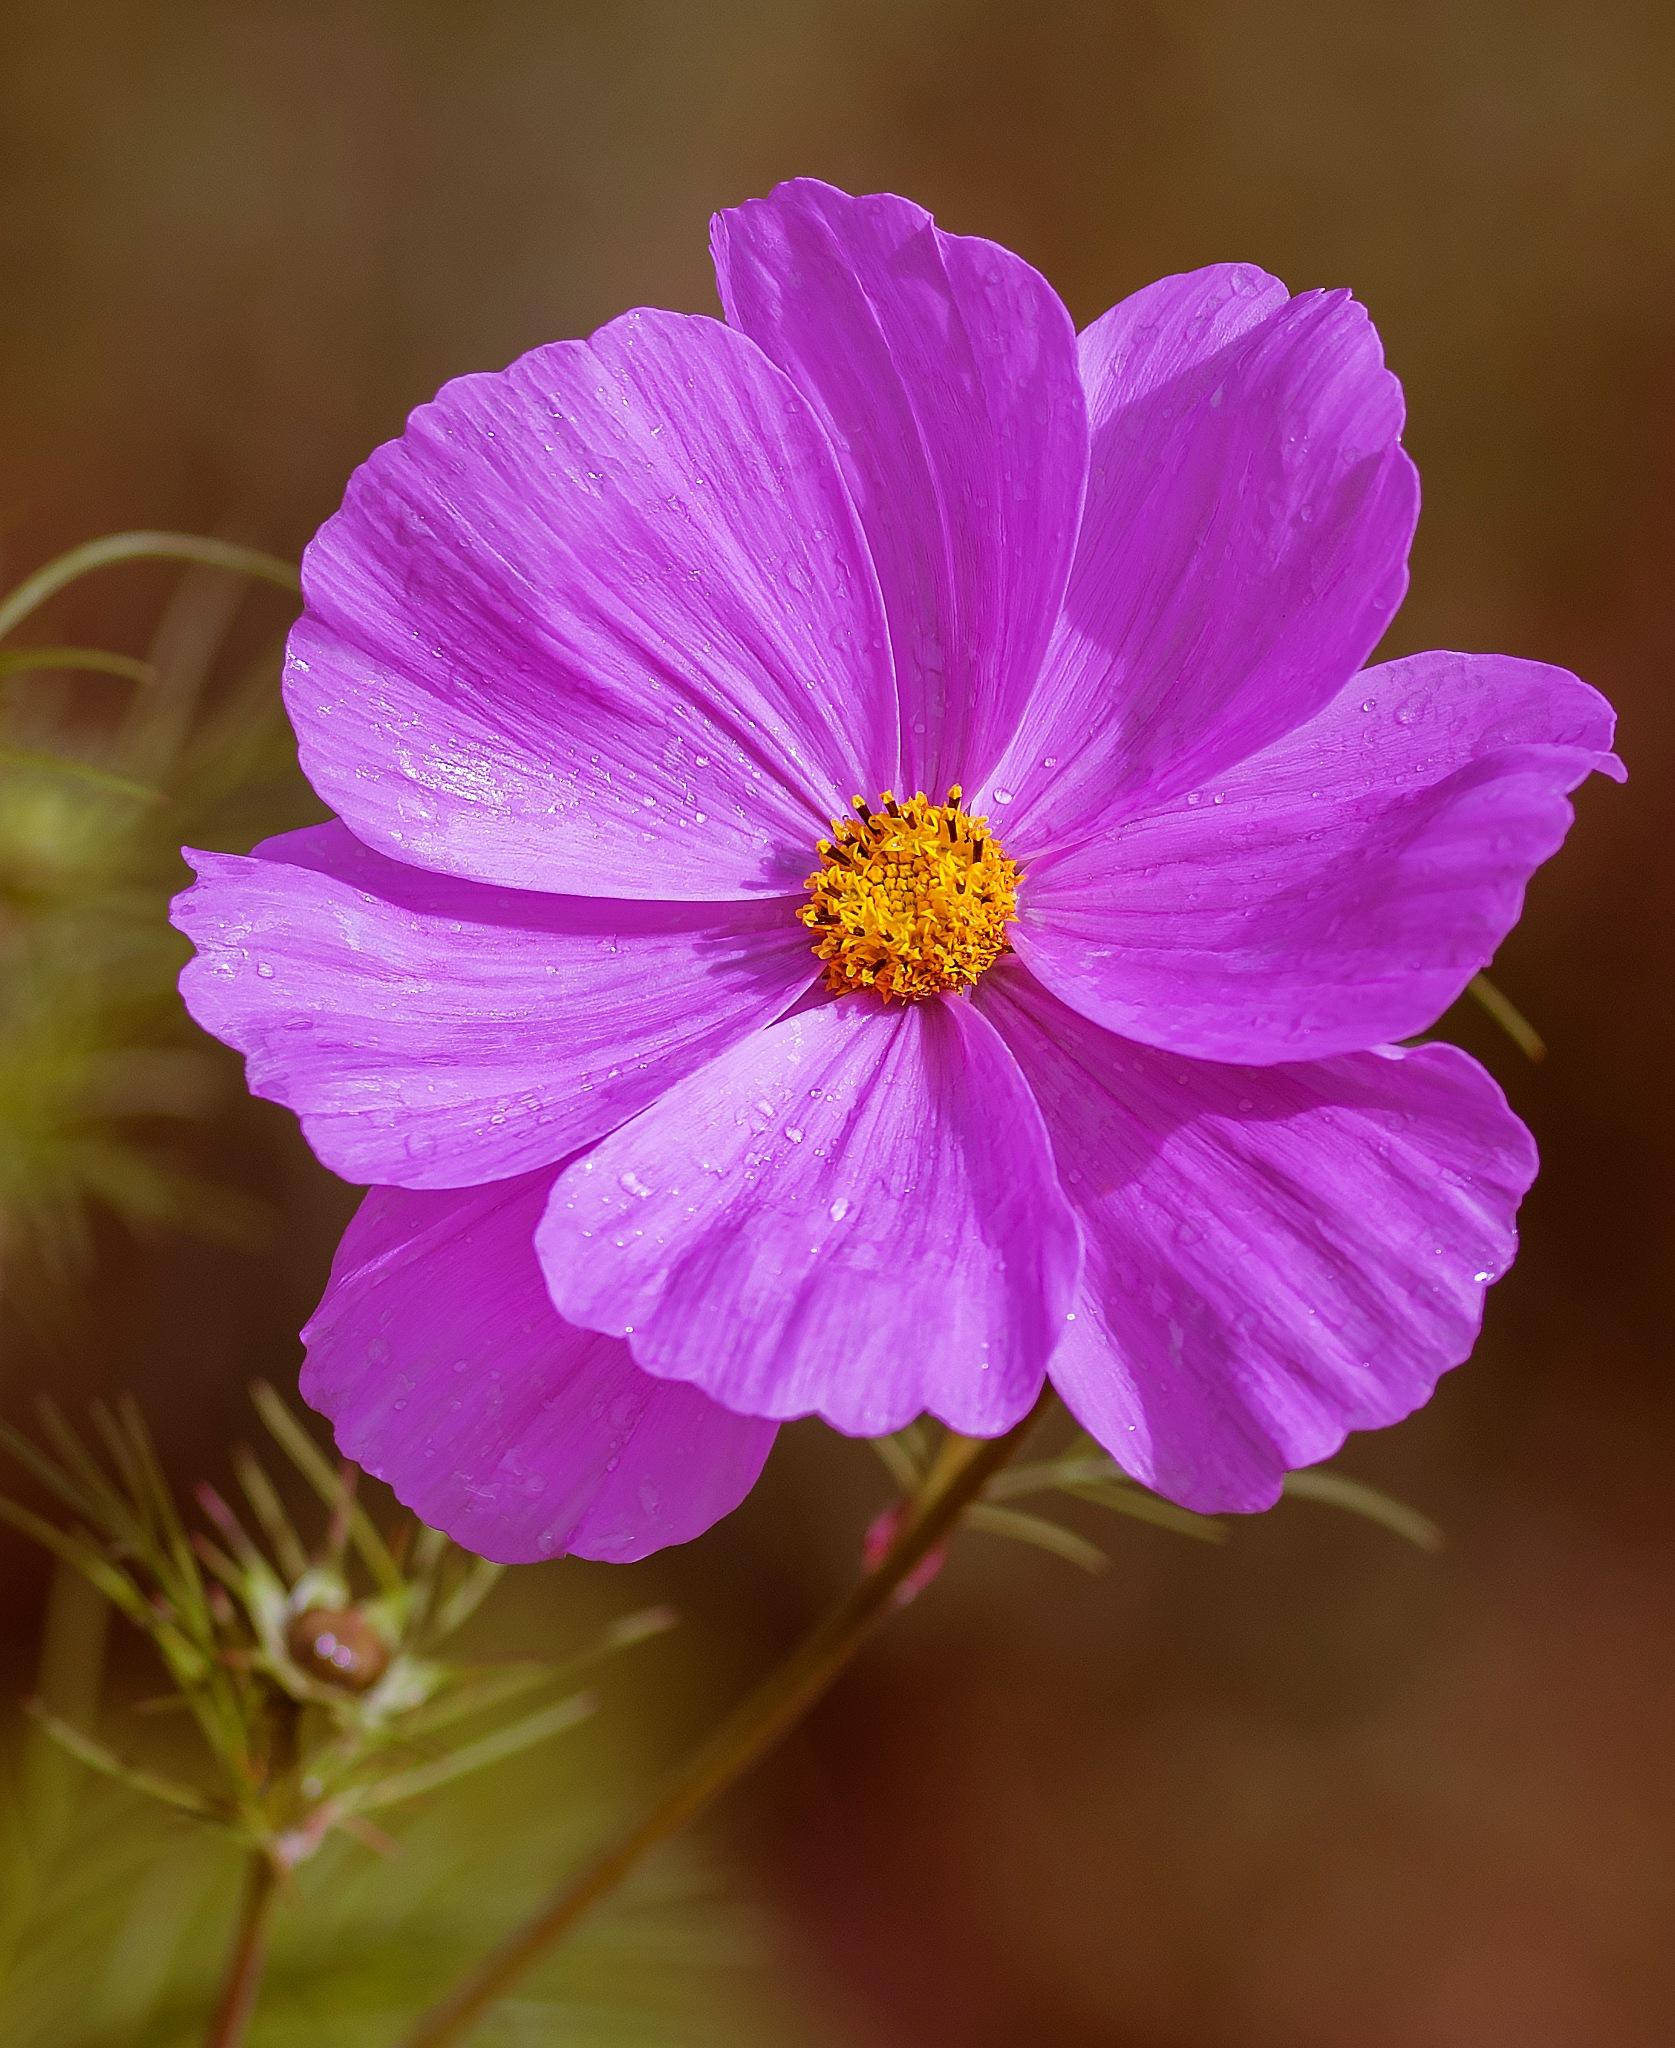 Floral Teardrops by corkymick